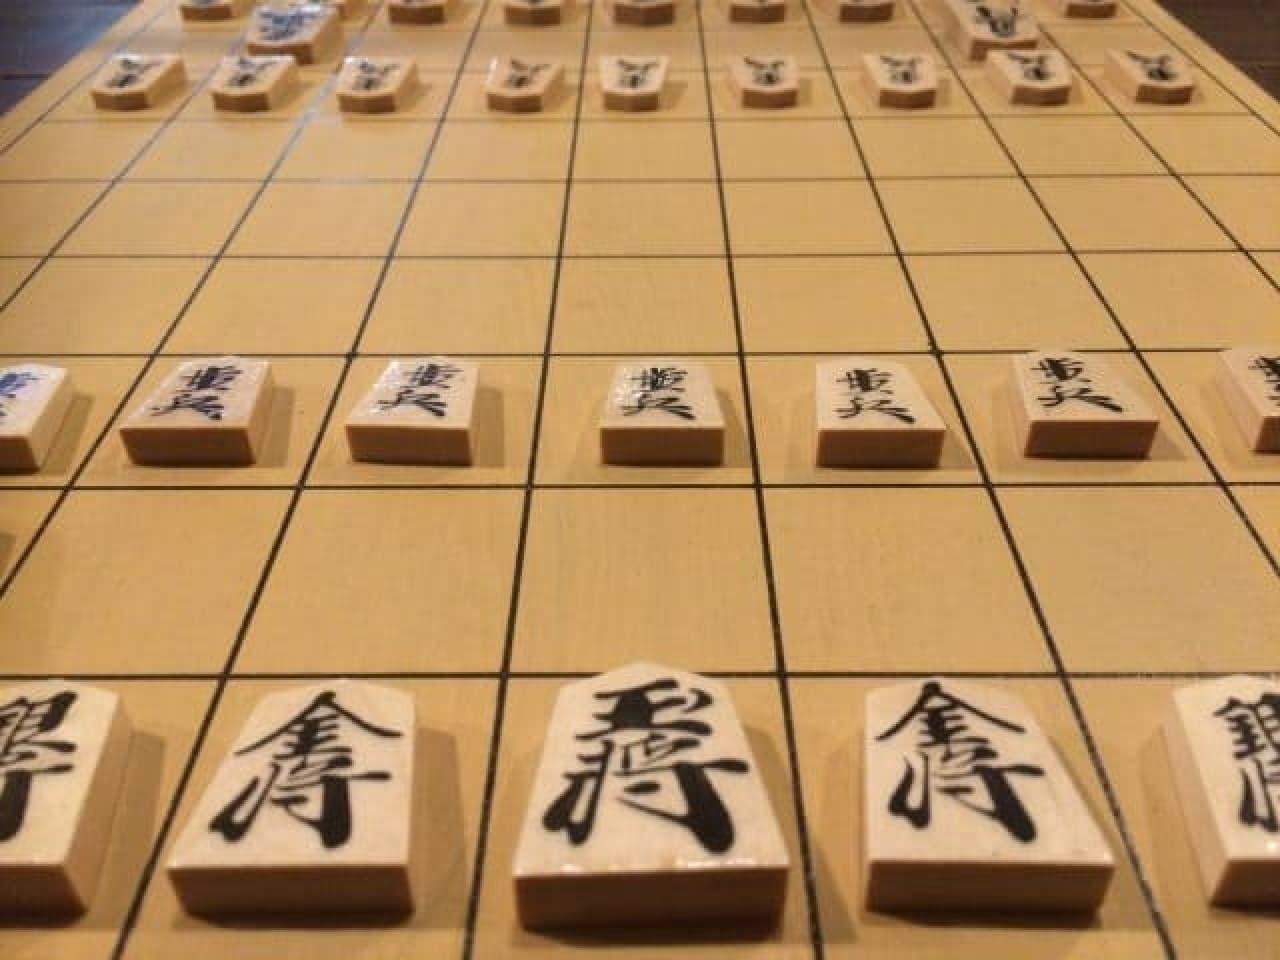 将棋の駒のイメージ